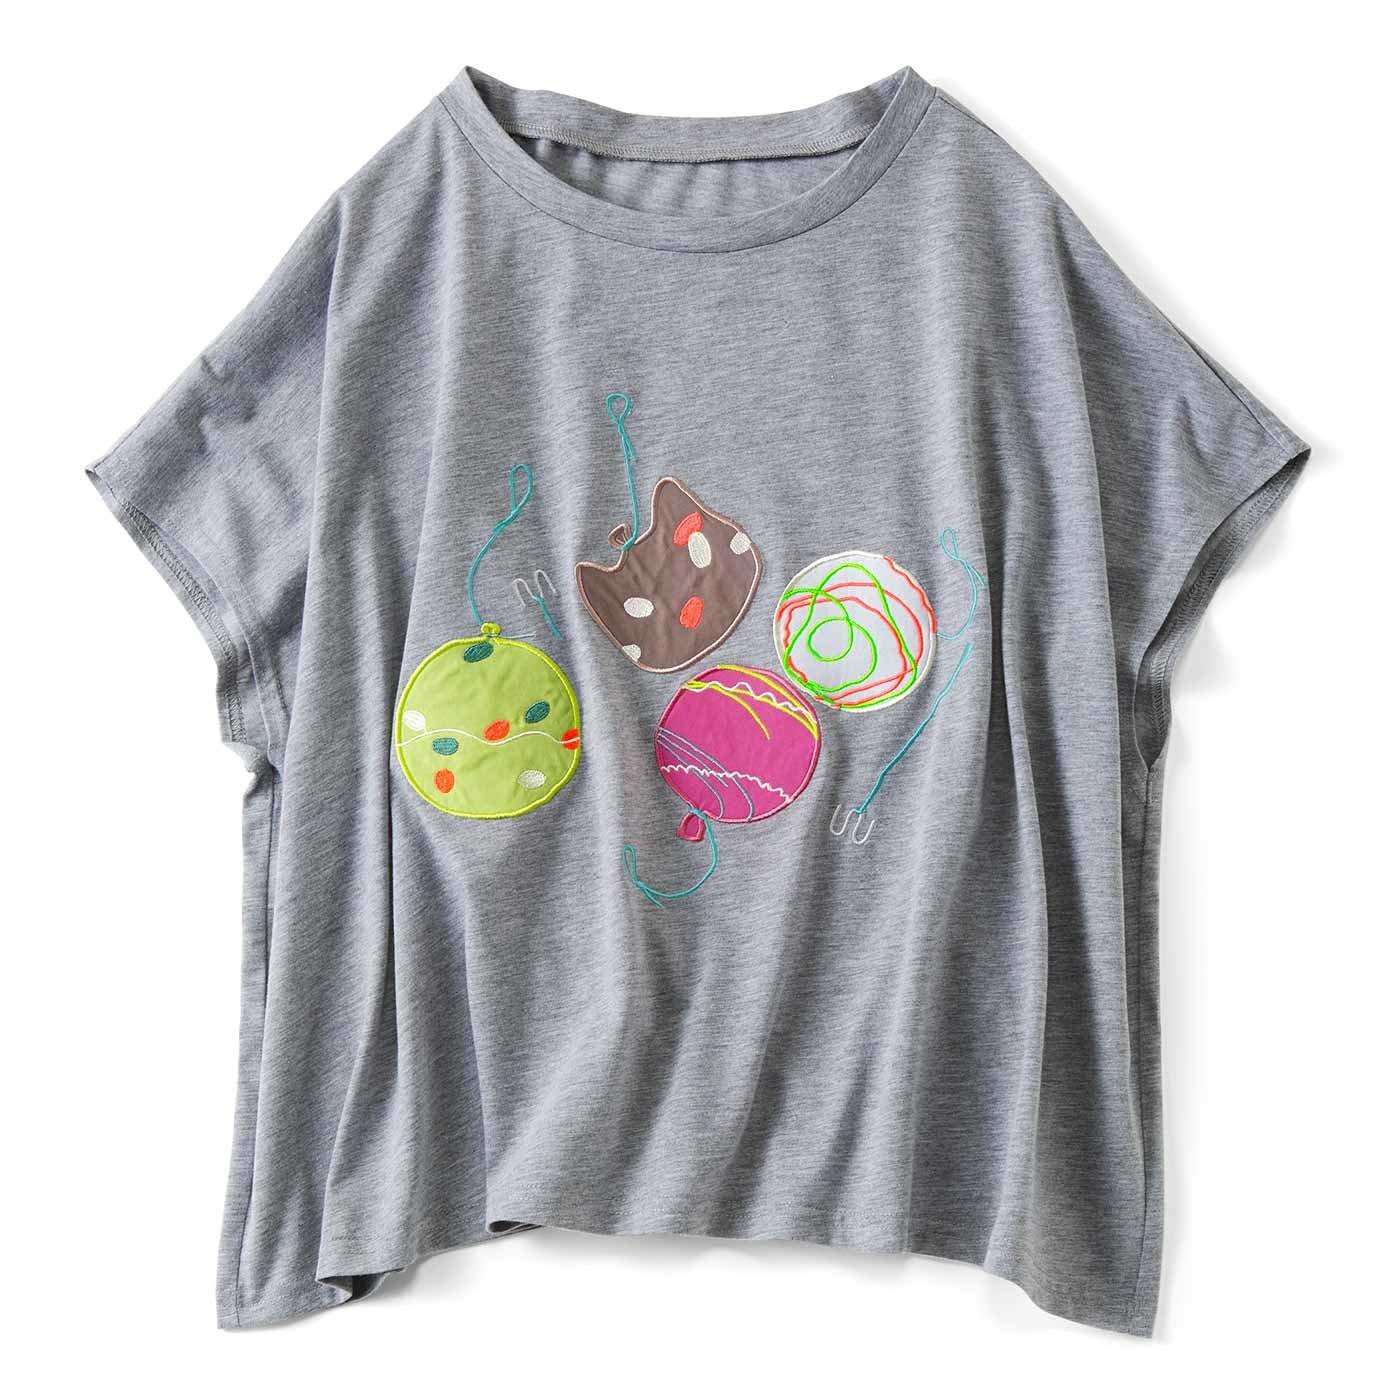 水ヨーヨー!Tシャツ